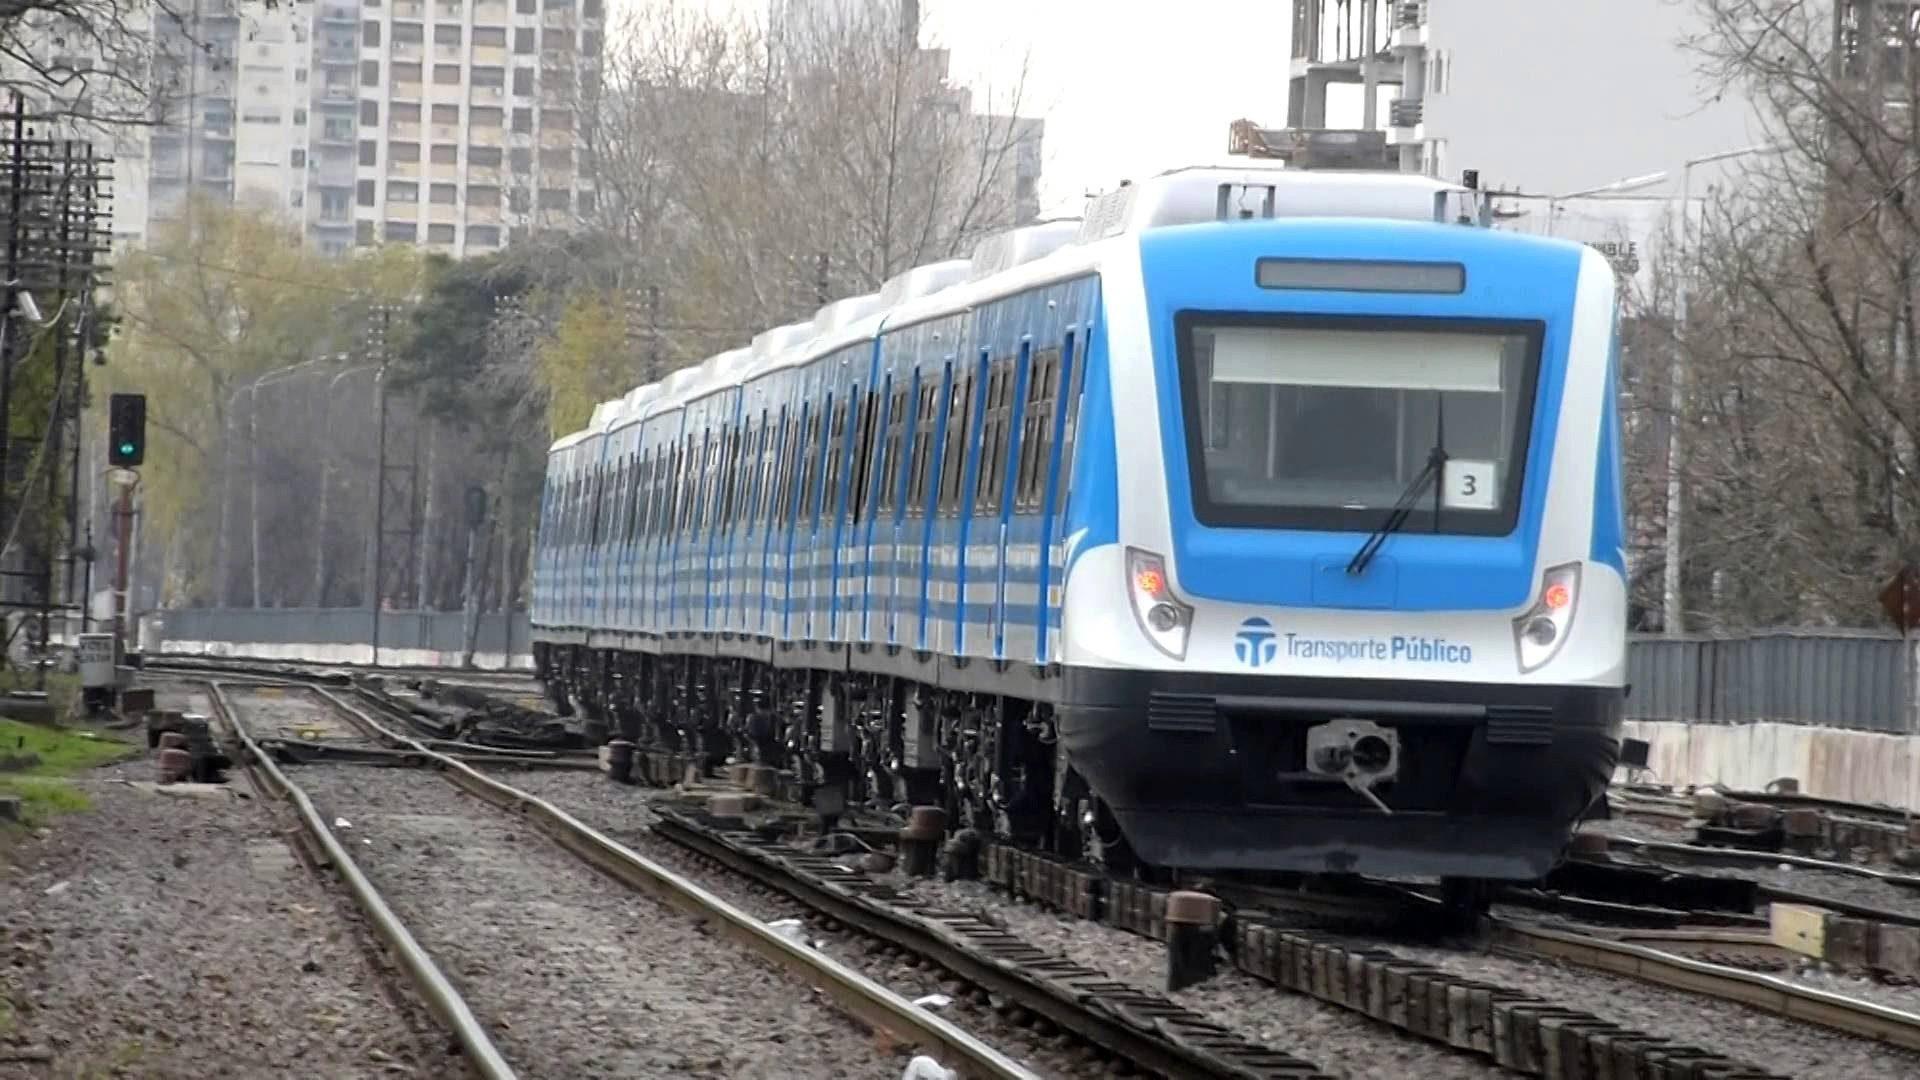 ¿Qué Horarios Tiene El Tren Sarmiento?